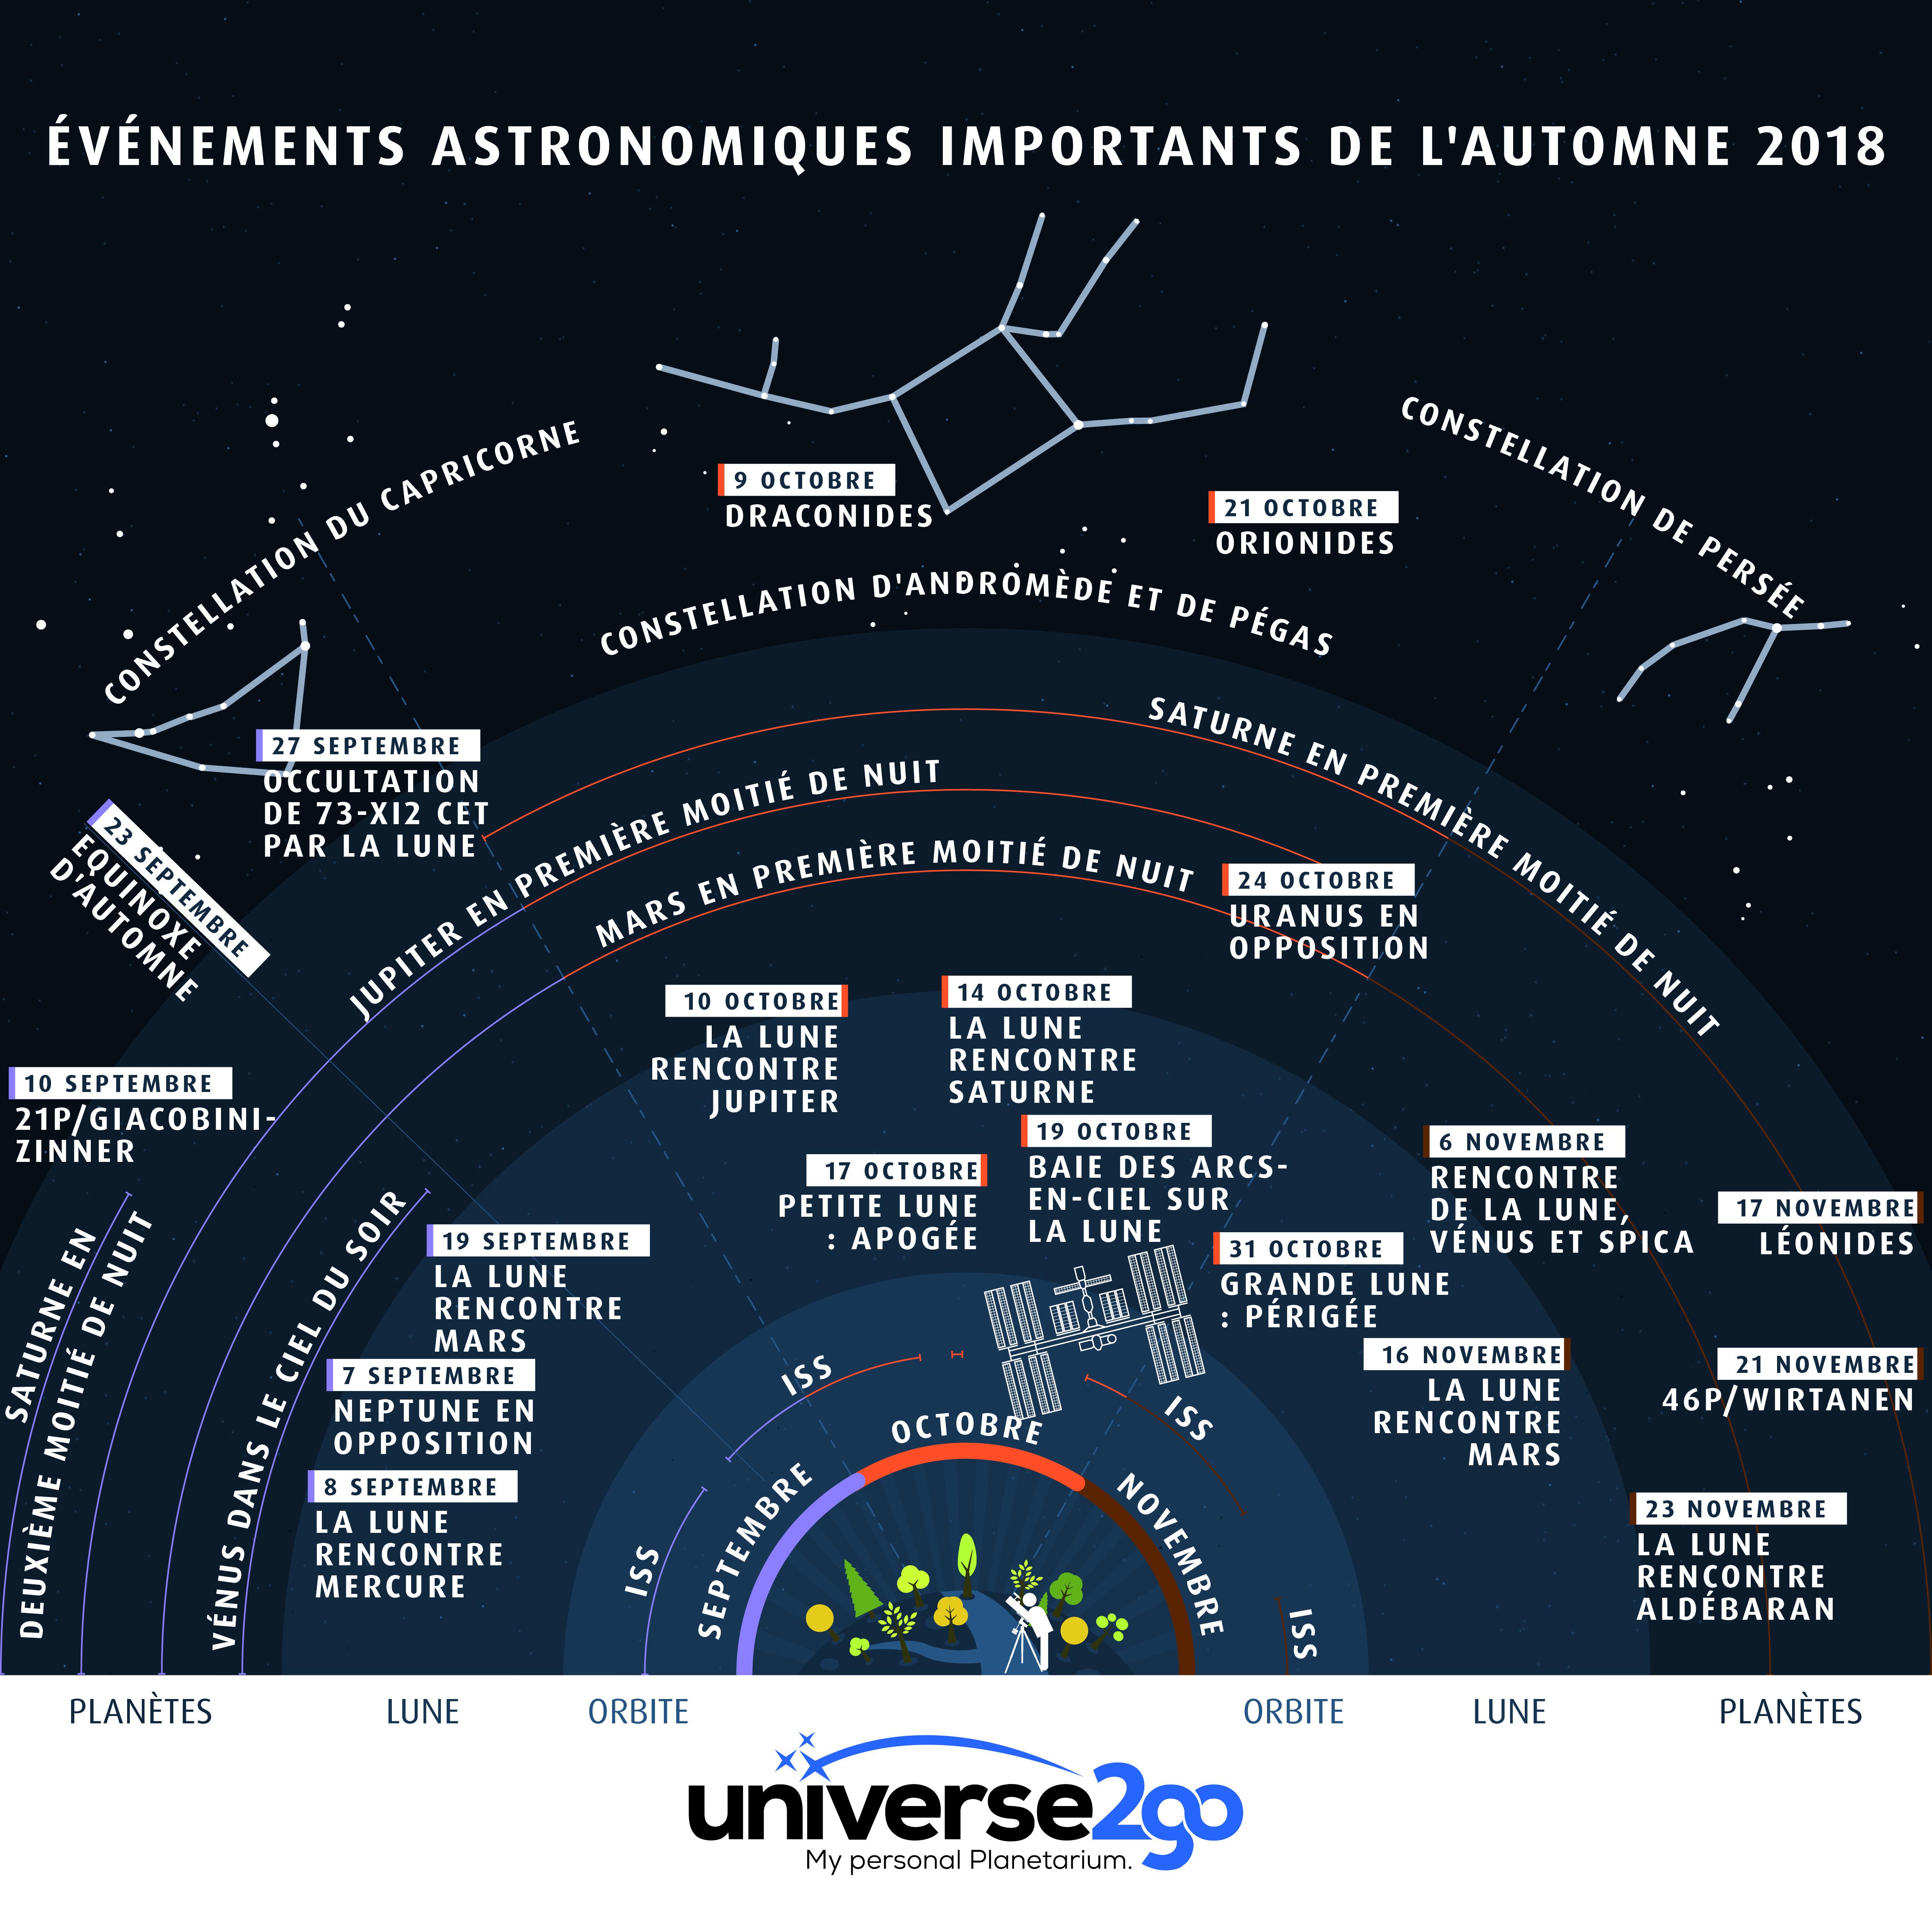 info-graphique-AUTOMNE-evenements-astronomiques-2018-tout-les-infos